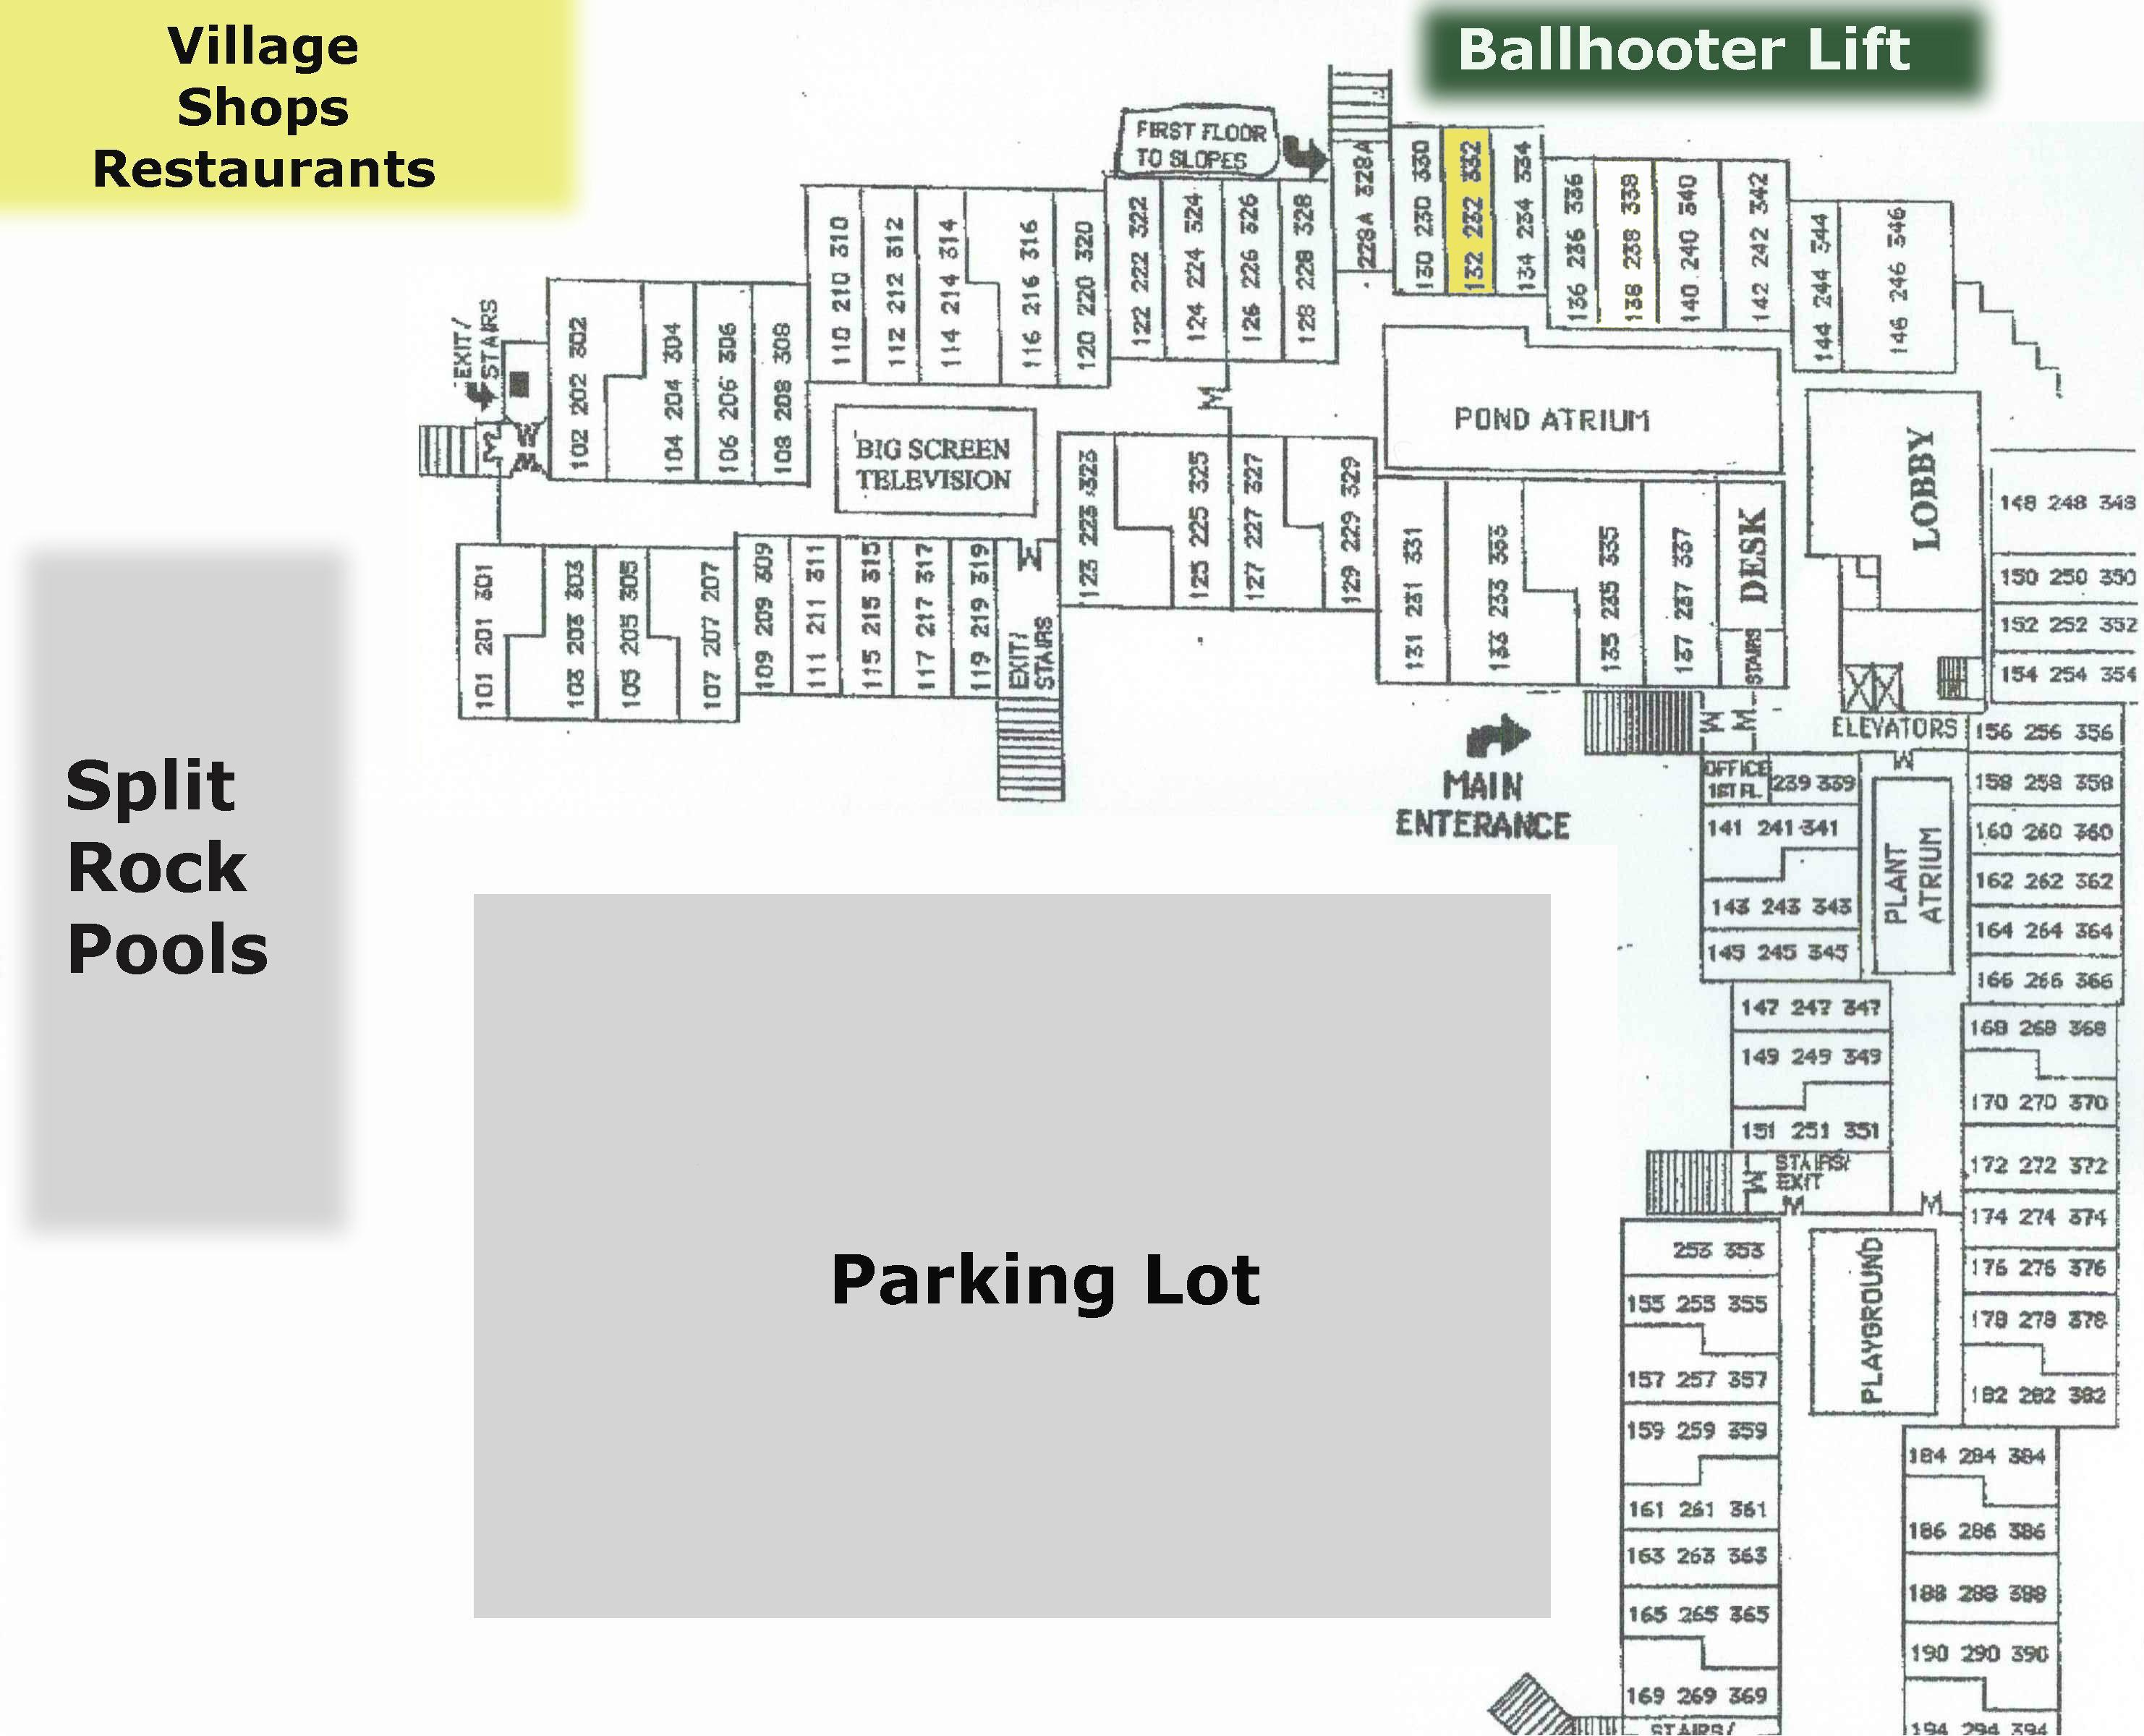 ML332 balcony faces Ballhooter Lift!